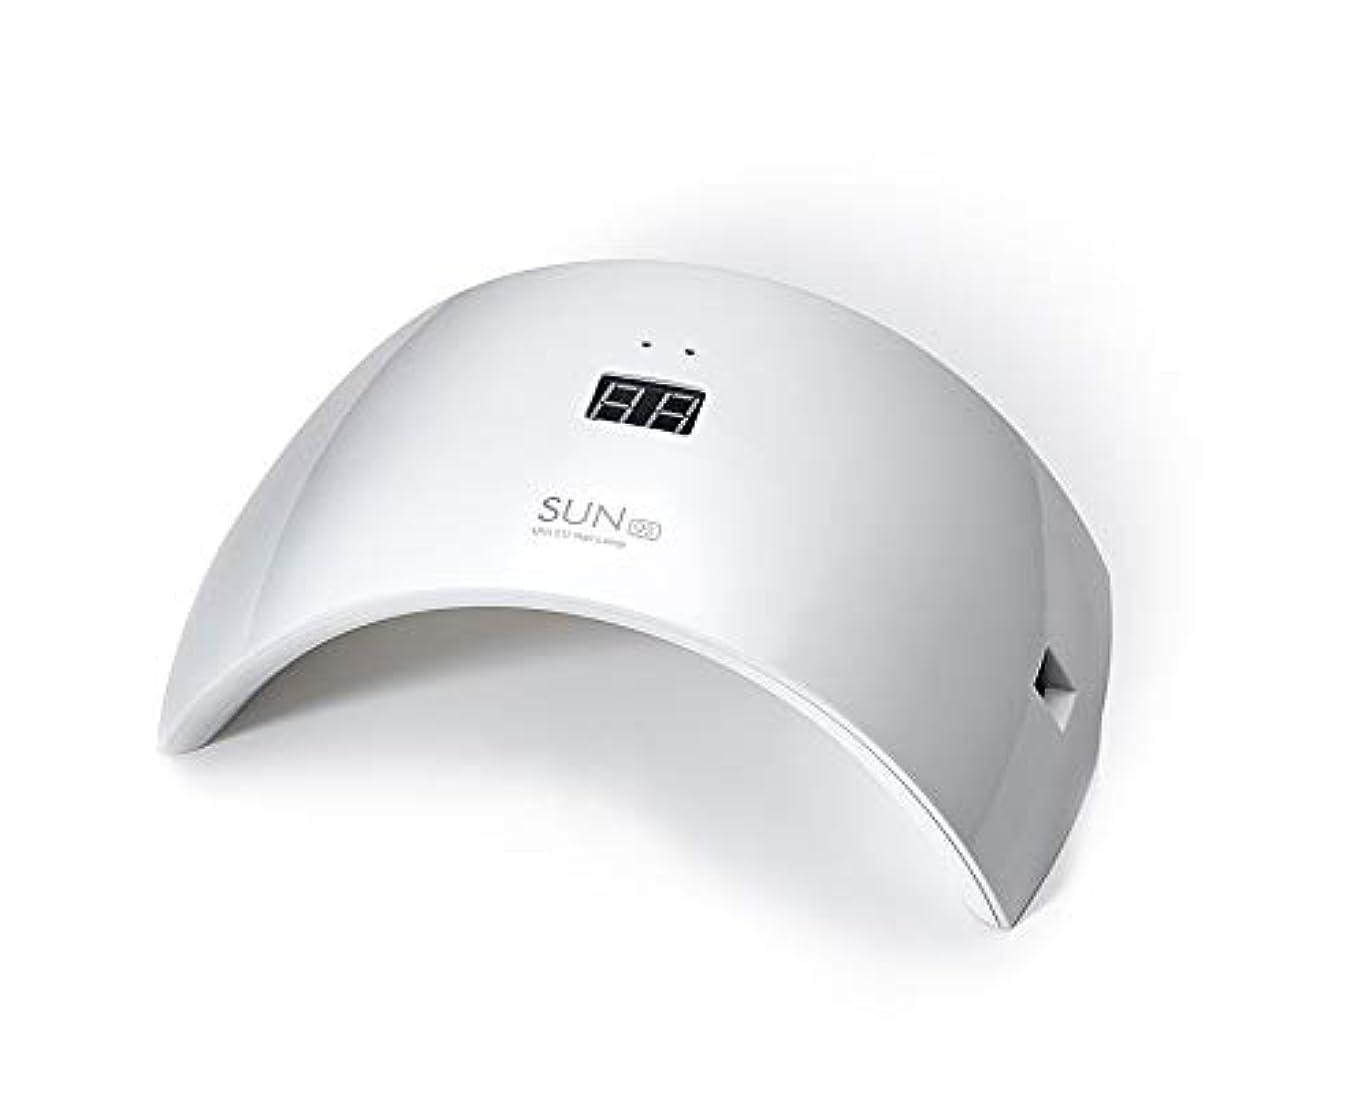 トレーニング伝える赤面ネイルドライヤー UV LEDネイルライト 24W ハイパワー 硬化用UVライト 赤外線検知 ジェルネイルライト 人感センサー タイマー付き ネイルランプ 速乾LEDダブルライト 母の日ギフト